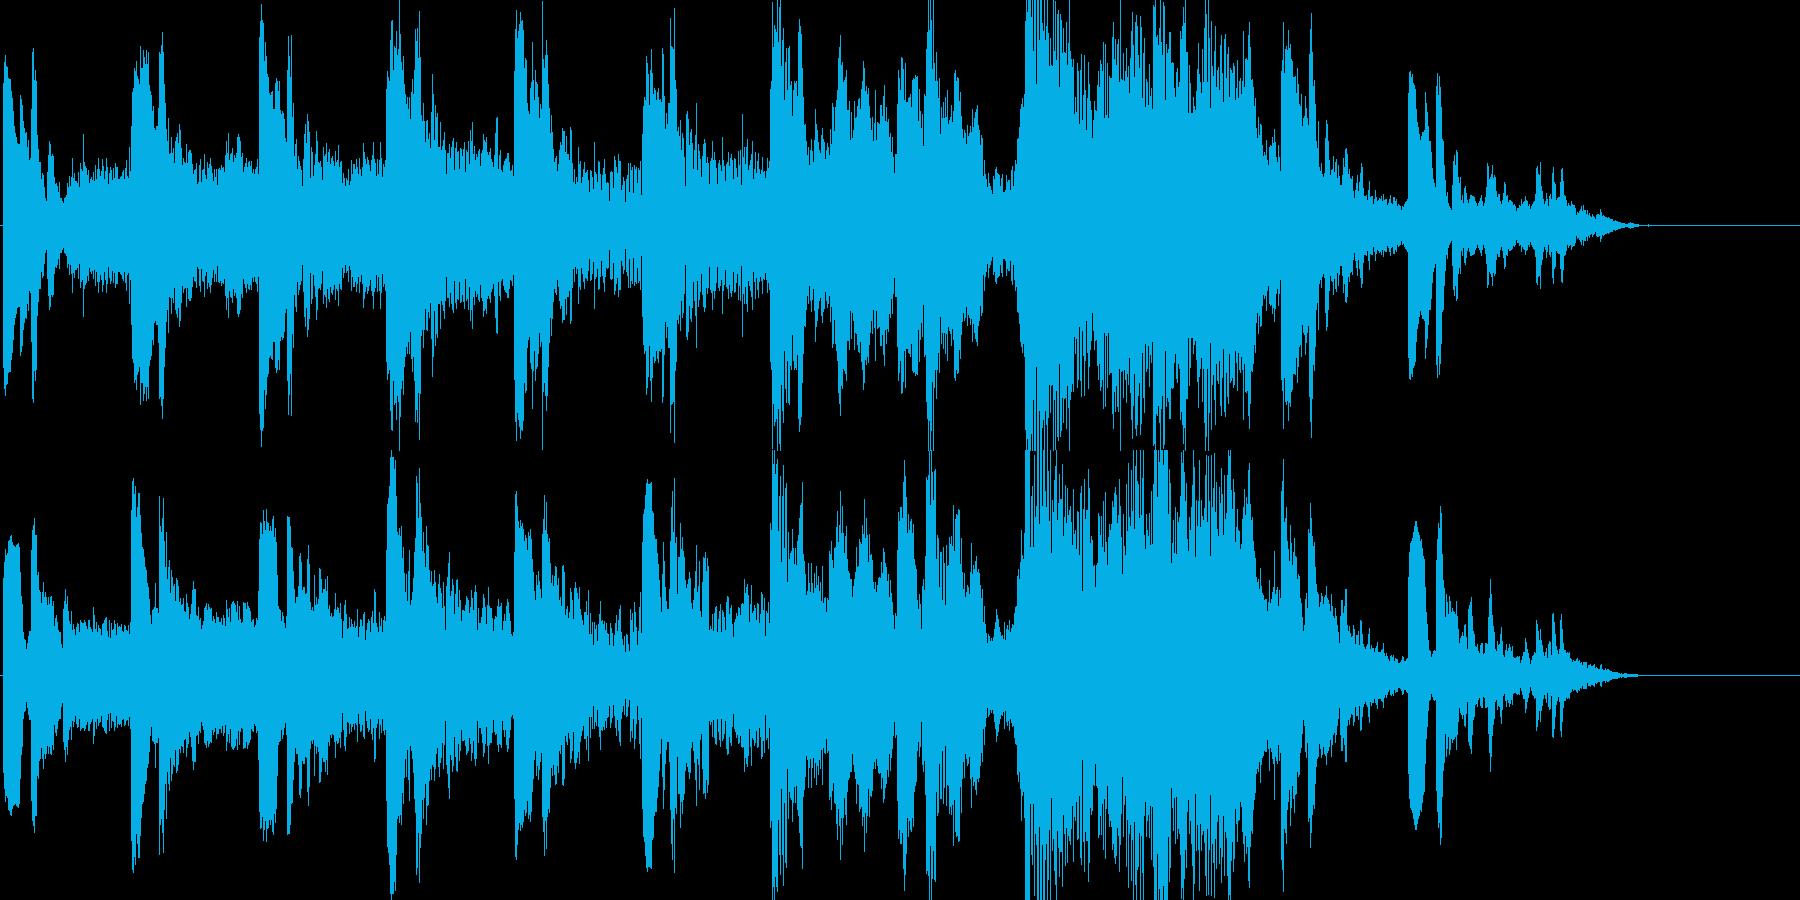 幻想 怪奇 報道 シリアス 重たいの再生済みの波形